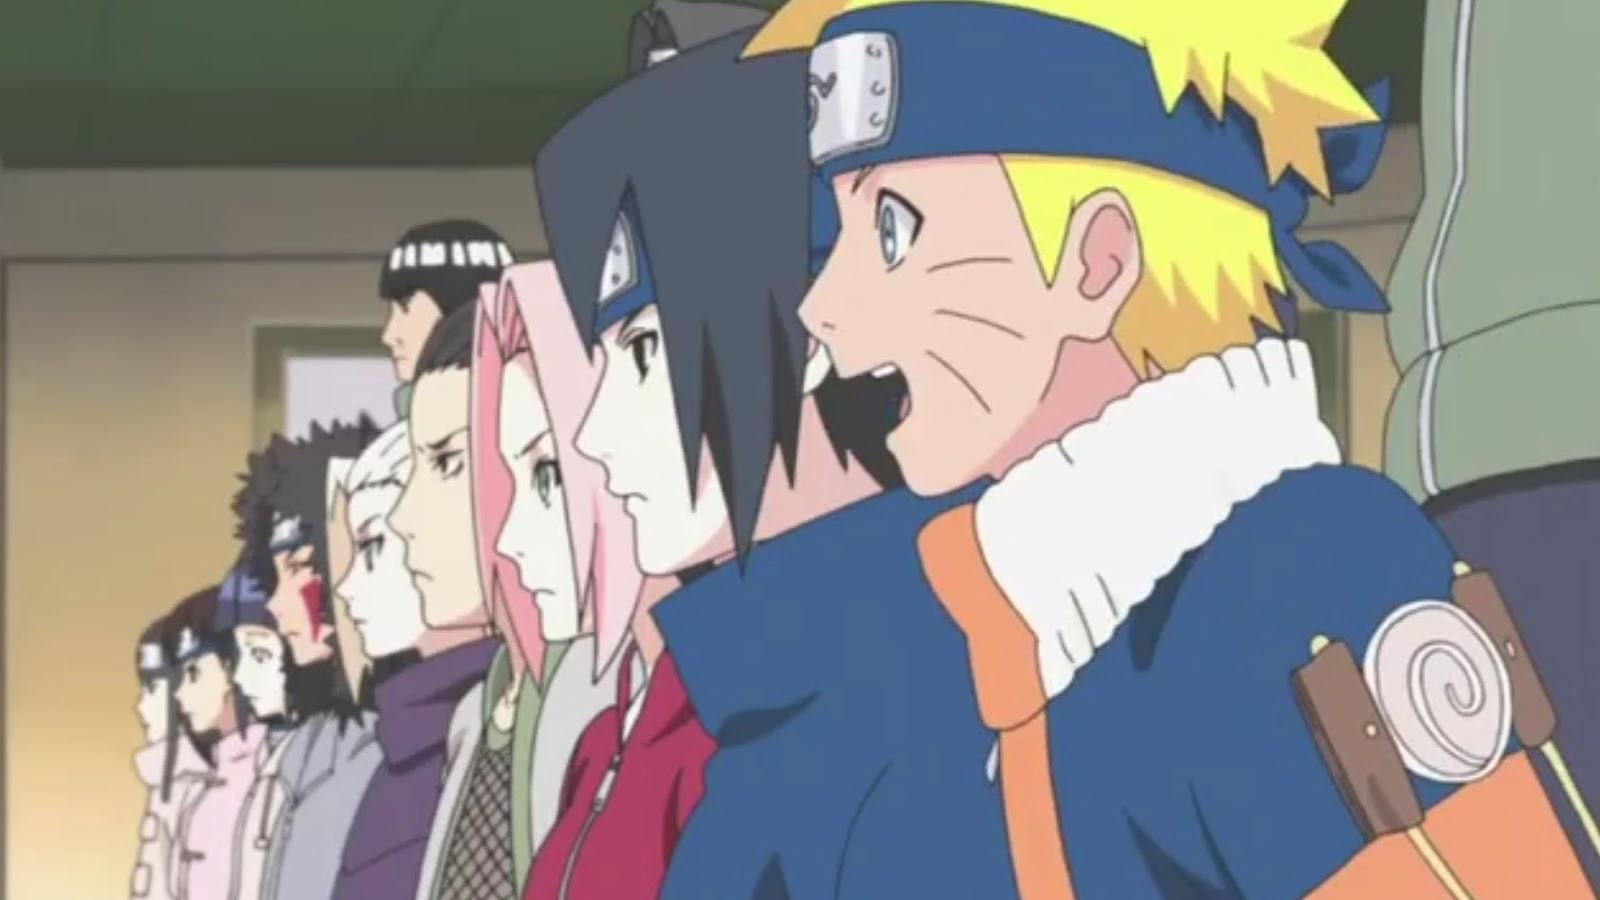 Naruto Shippuden Episódio 433, Assistir Naruto Shippuden Episódio 433, Assistir Naruto Shippuden Todos os Episódios Legendado, Naruto Shippuden episódio 433,HD